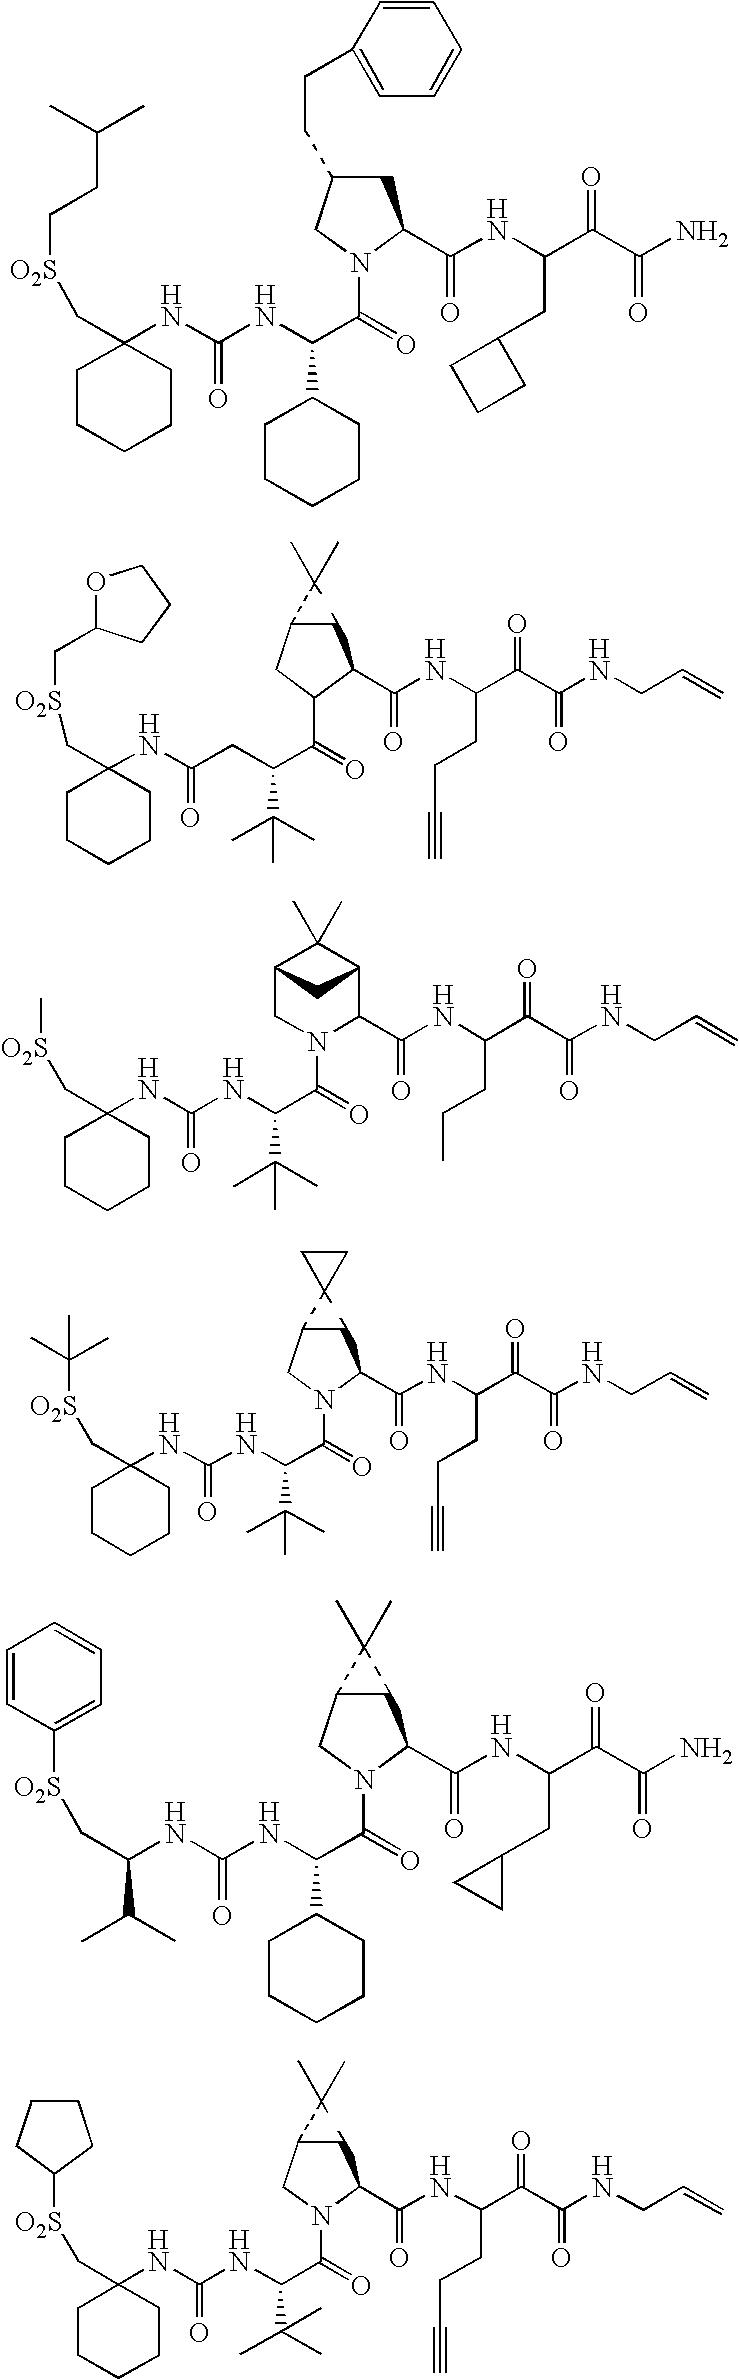 Figure US20060287248A1-20061221-C00454